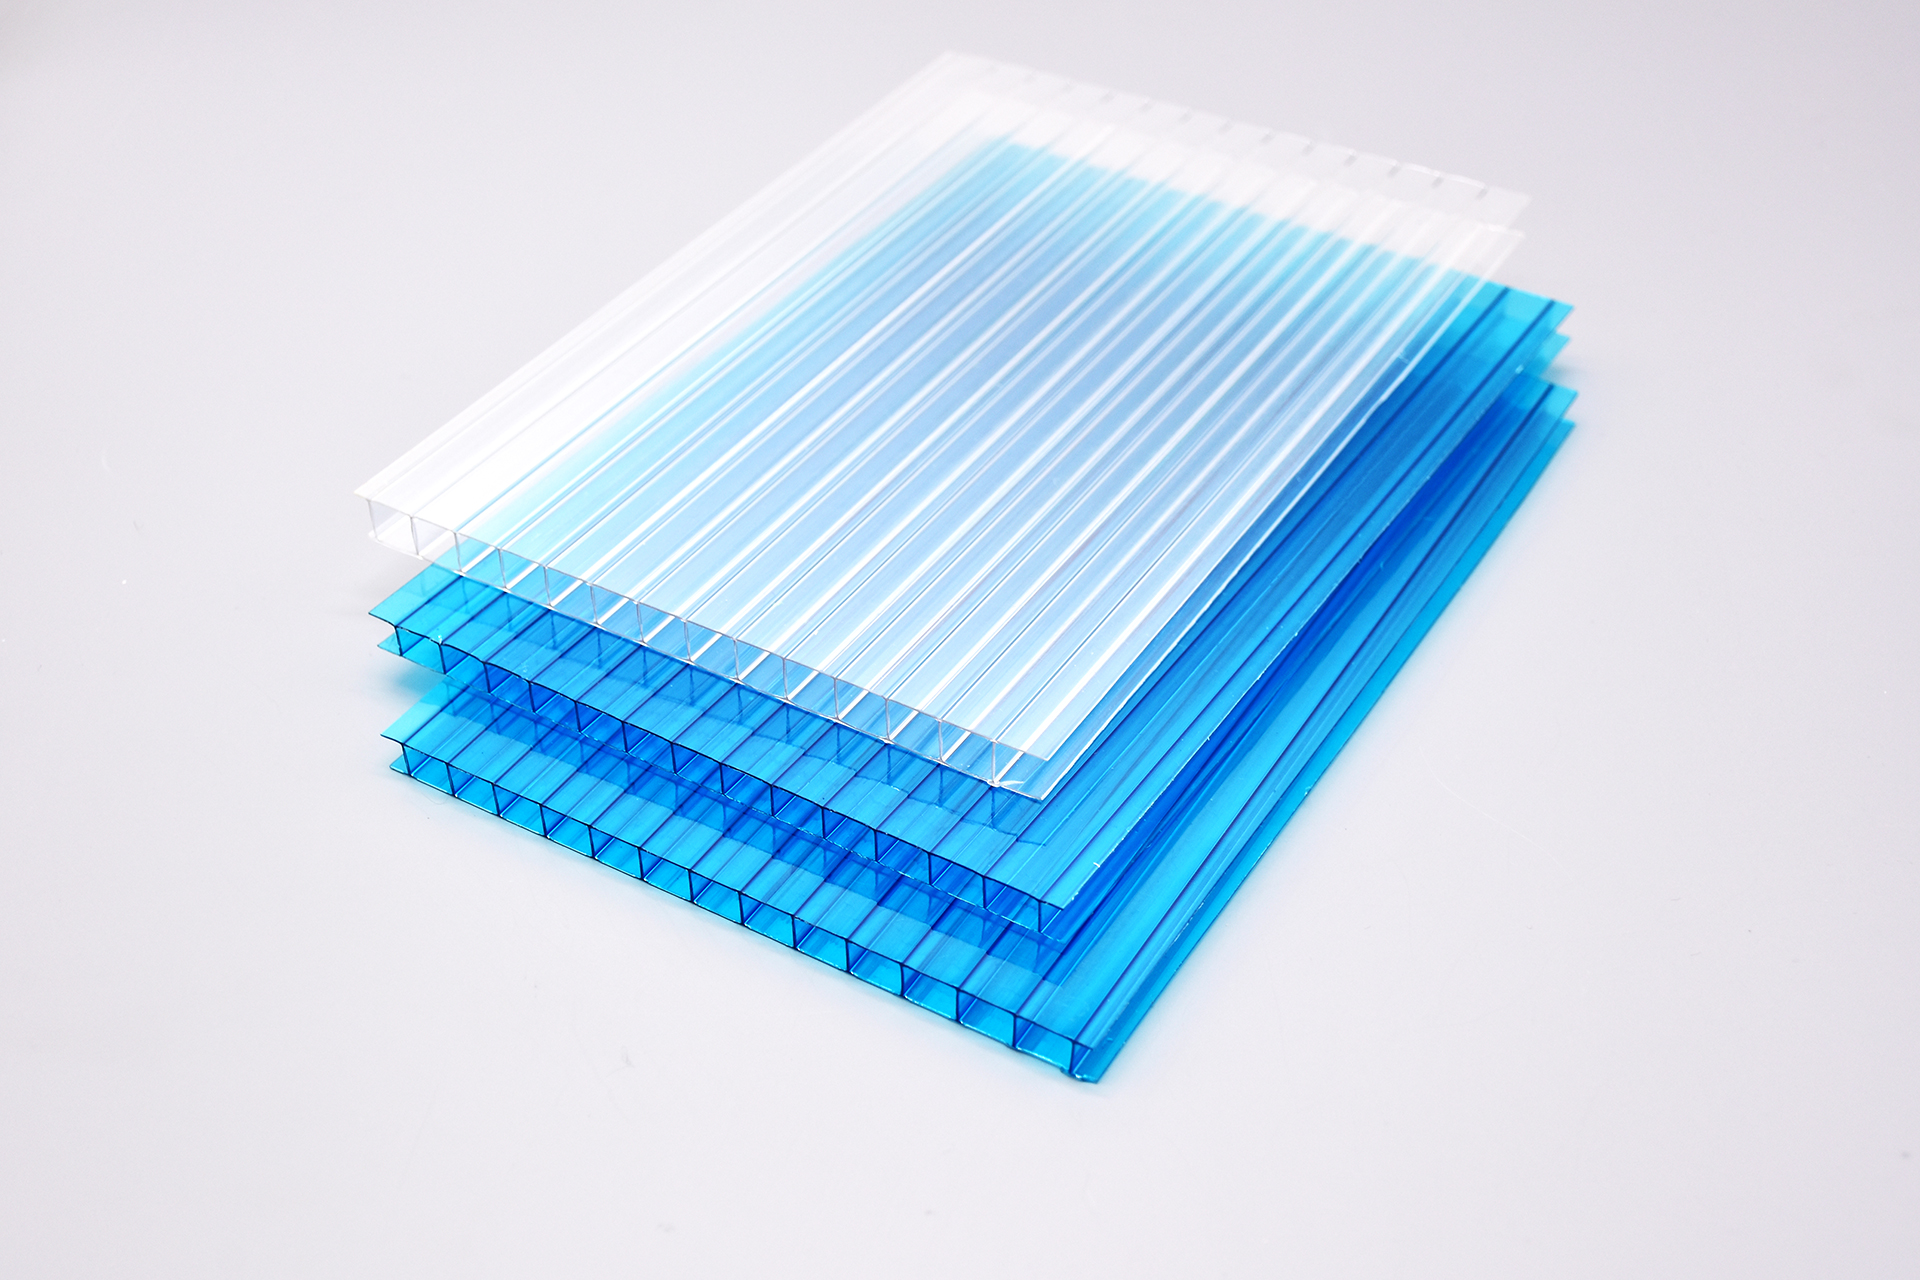 .定制批发双层隔热中空阳光板防紫外线温室棚聚碳酸酯板阳光板